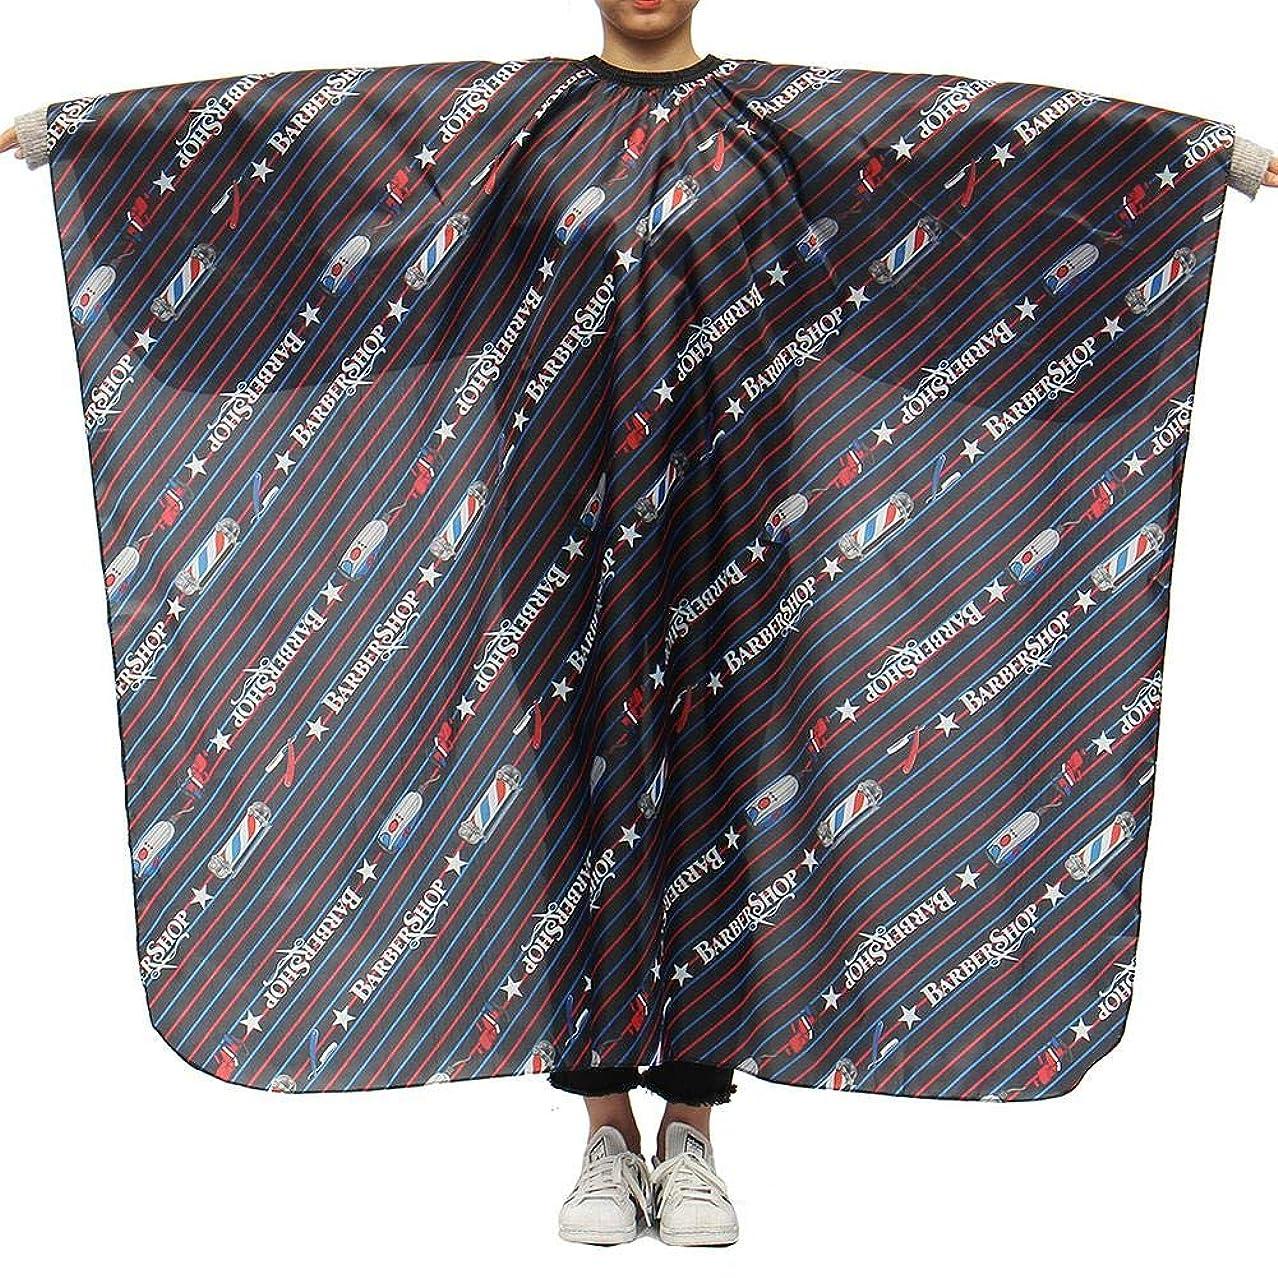 エーカー変形豪華なLing(リンー)-ビューティー 理髪ケープ 理髪布 店用 家庭用 通気性 滑らか ポリエステル製